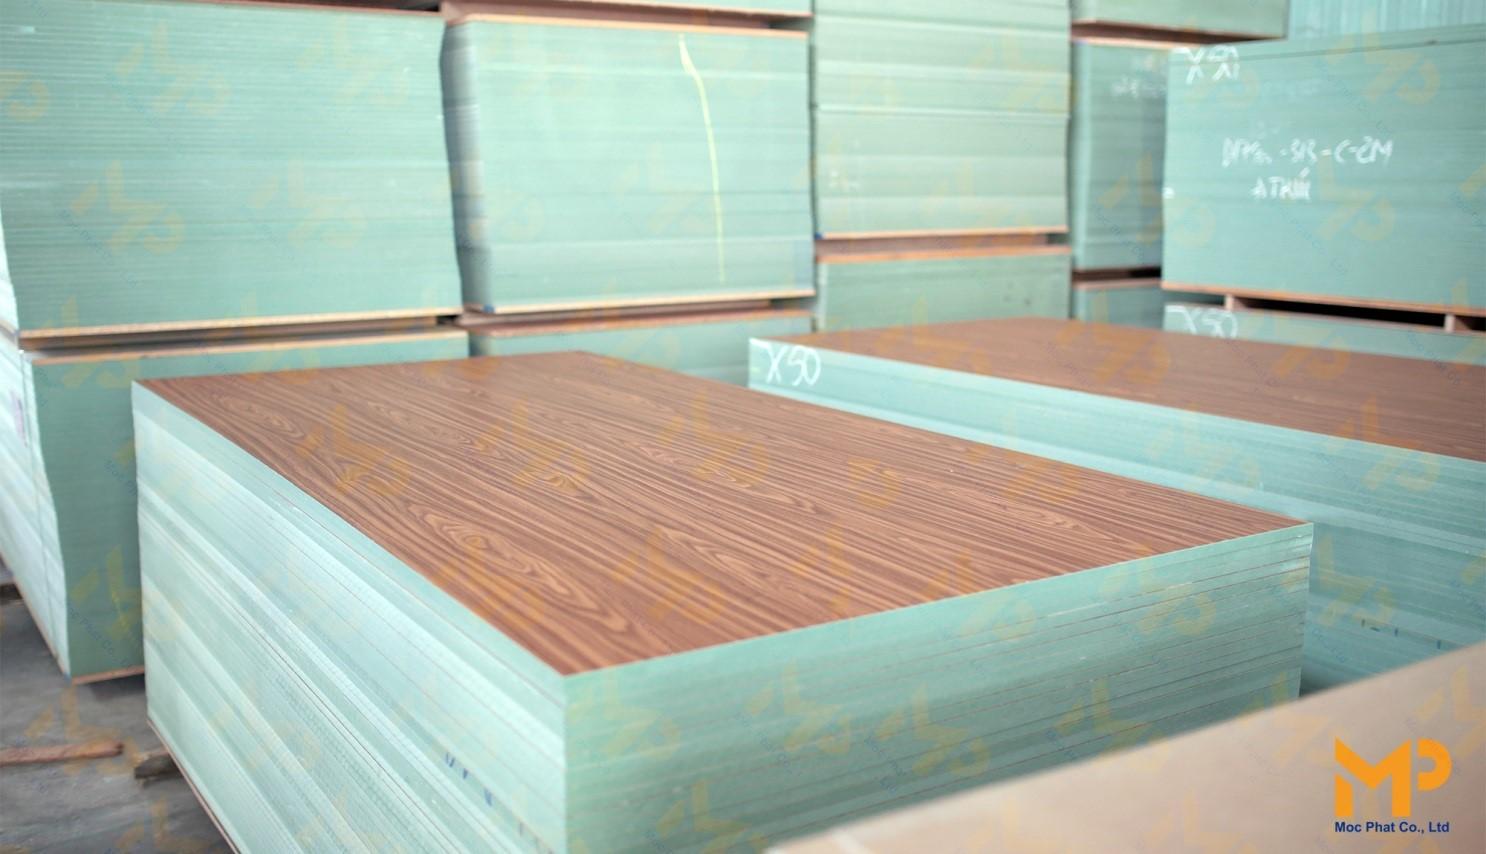 Thị trường gỗ công nghiệp MDF: Chọn giá rẻ hay chất lượng 3